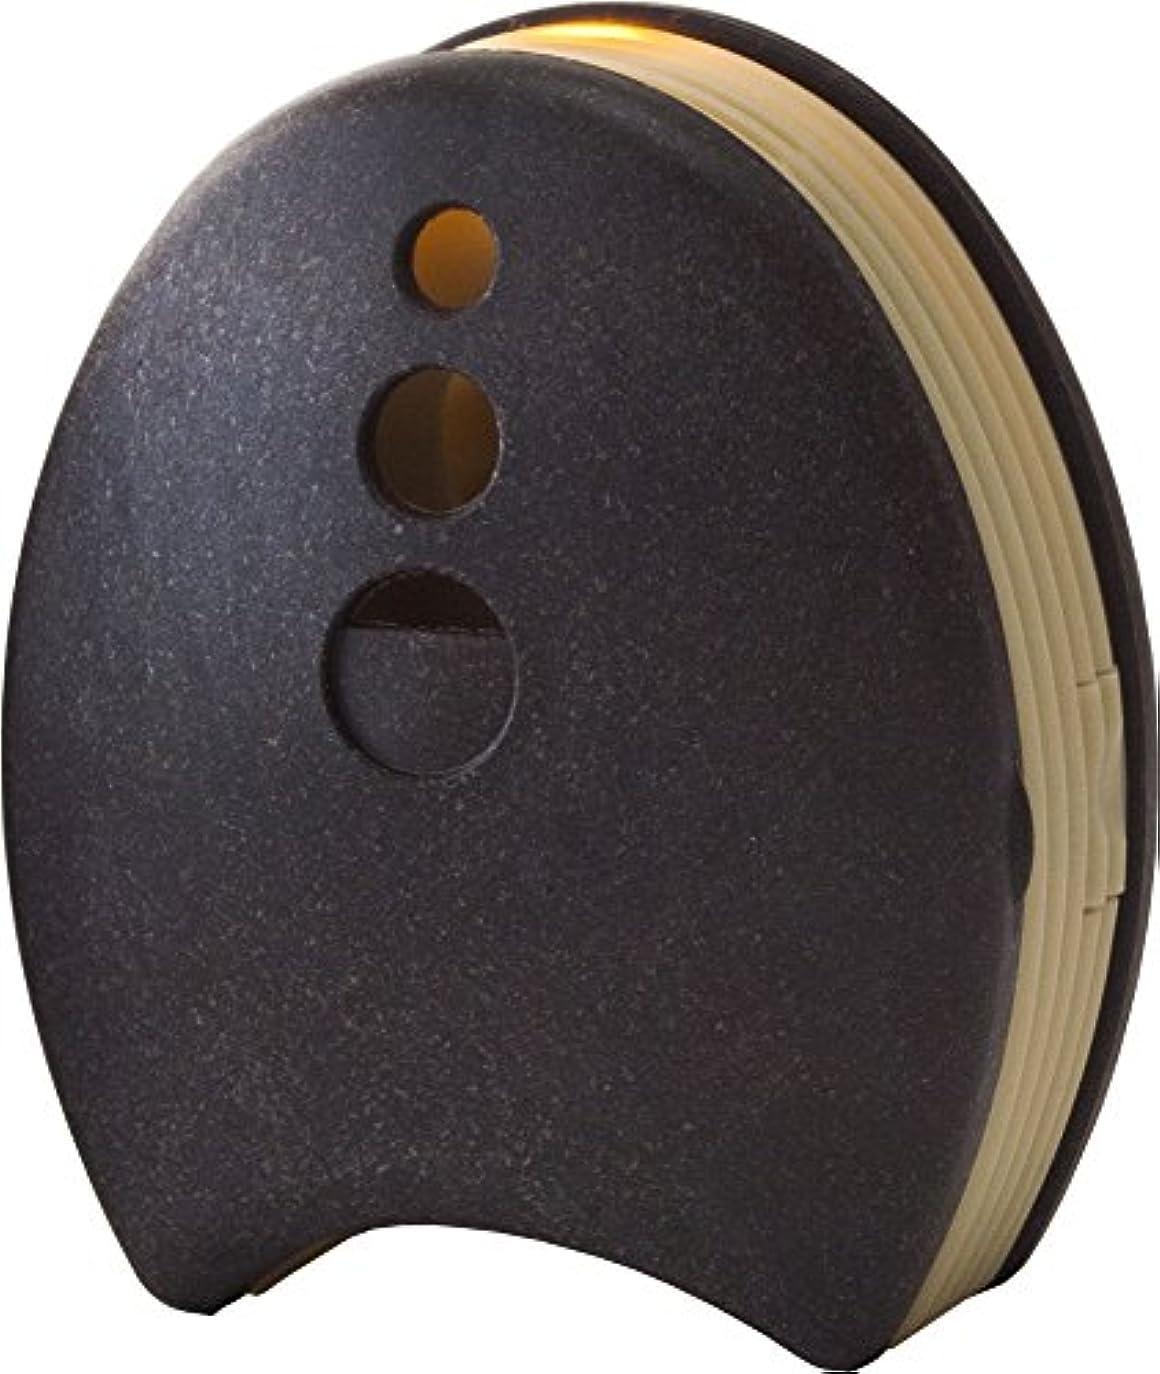 モンスター目の前のソーセージウッドブリーズ Ecomini (エコミニ) T 木質ブラック